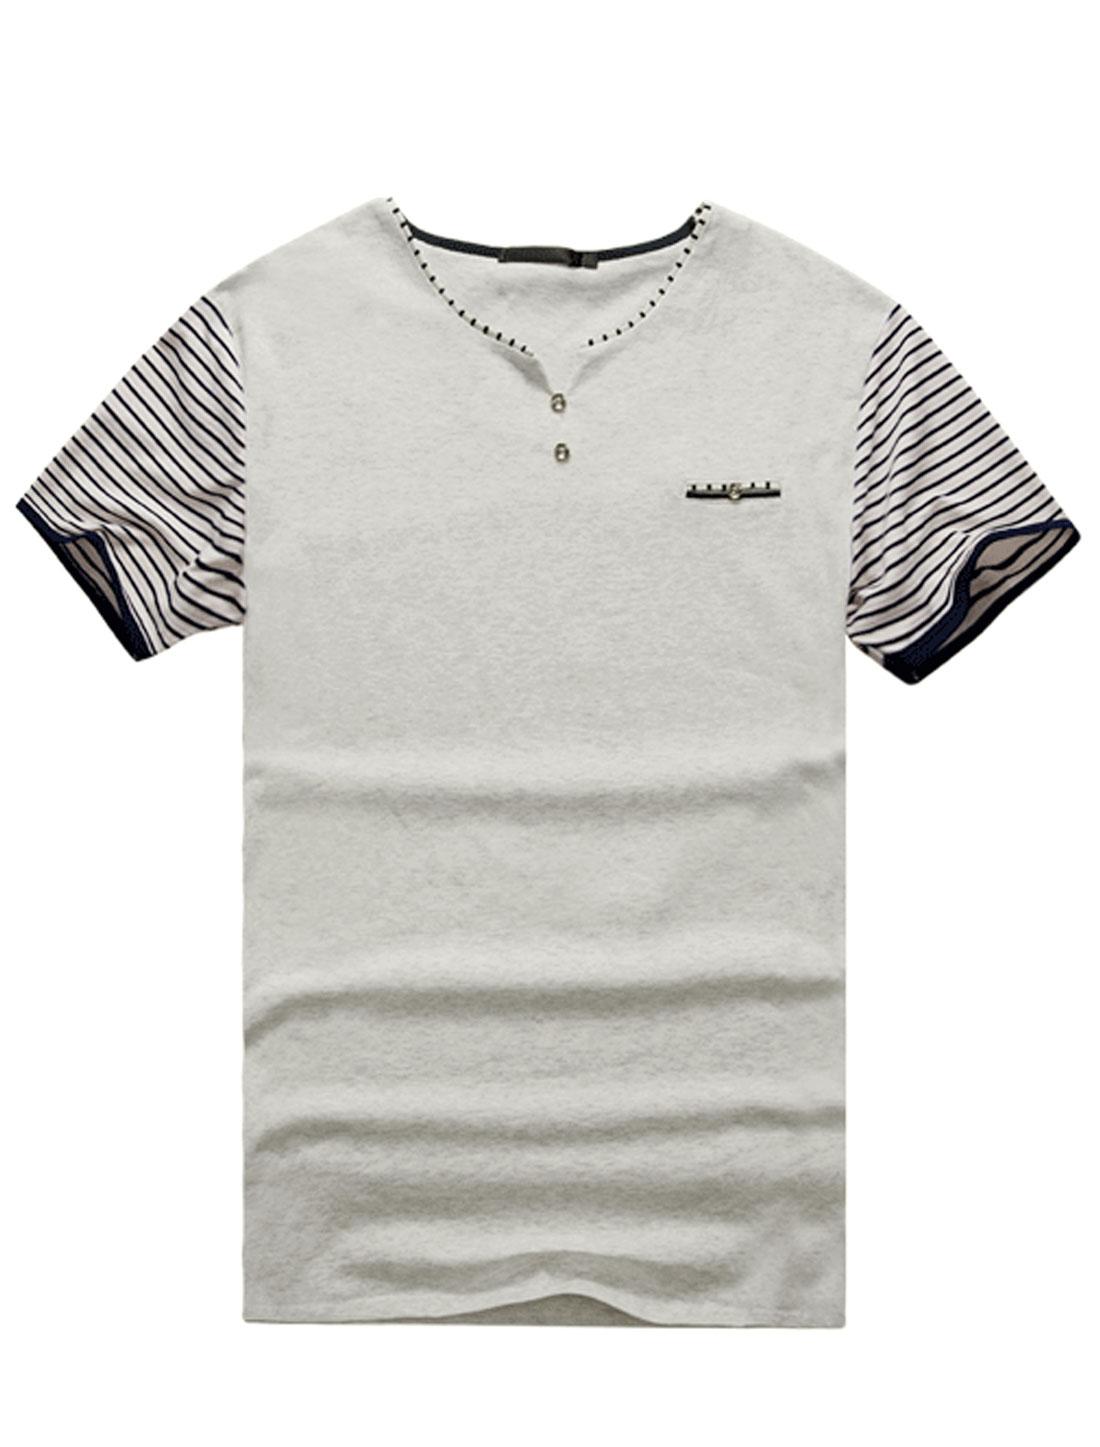 Men Stripes Short Sleeves Buttons Decor Detail Tee Shirt Light Gray M